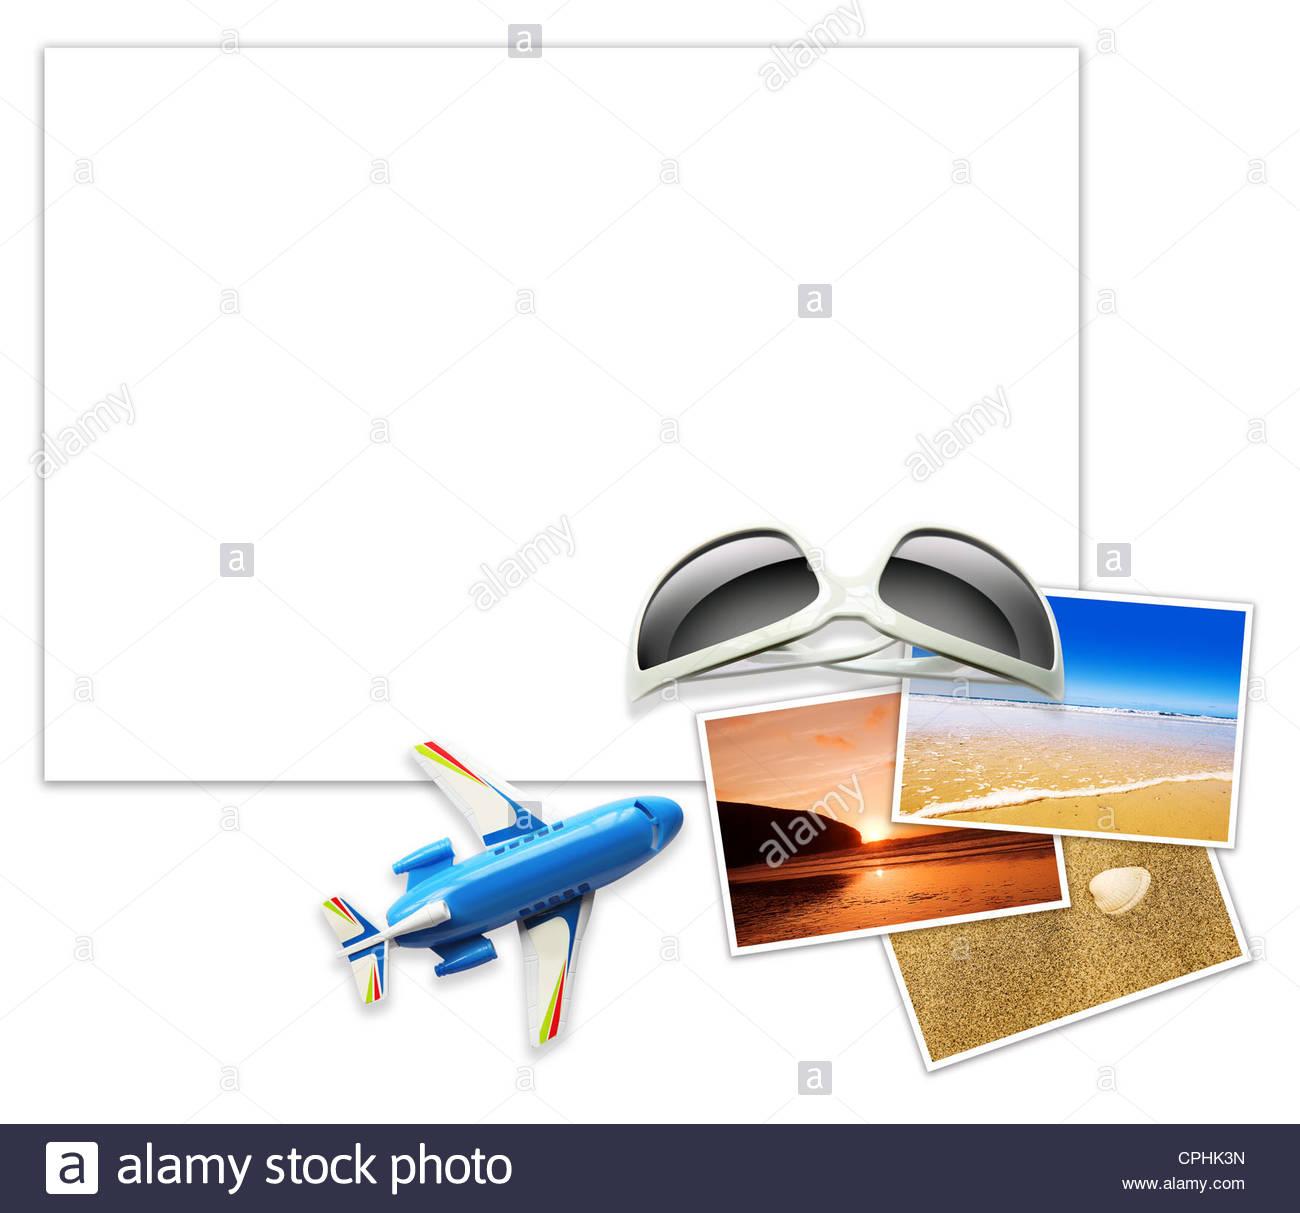 Tolle Urlaub Vorlage Ideen - Dokumentationsvorlage Beispiel Ideen ...